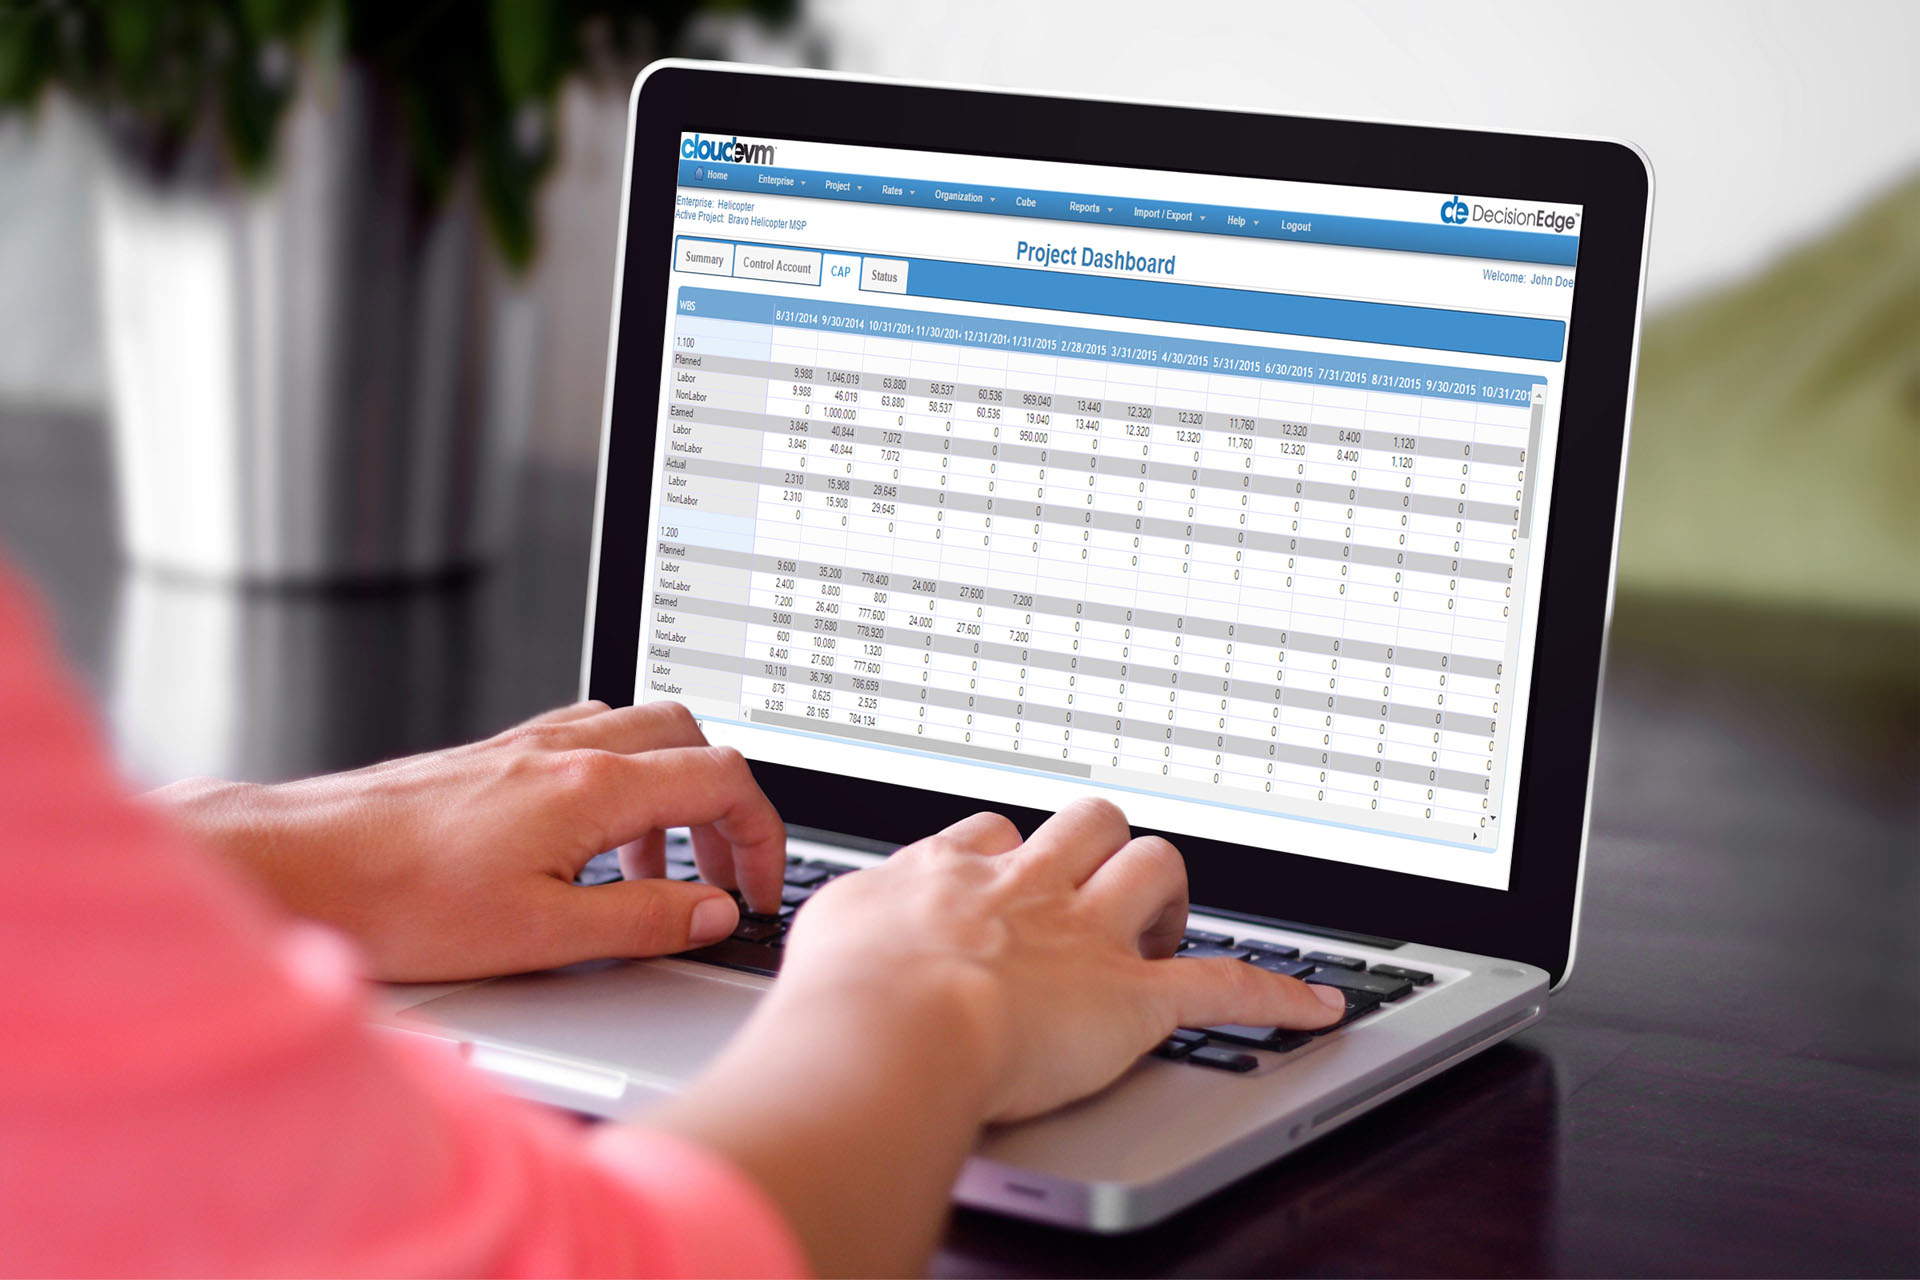 CloudEVM - Earned Value Management Software